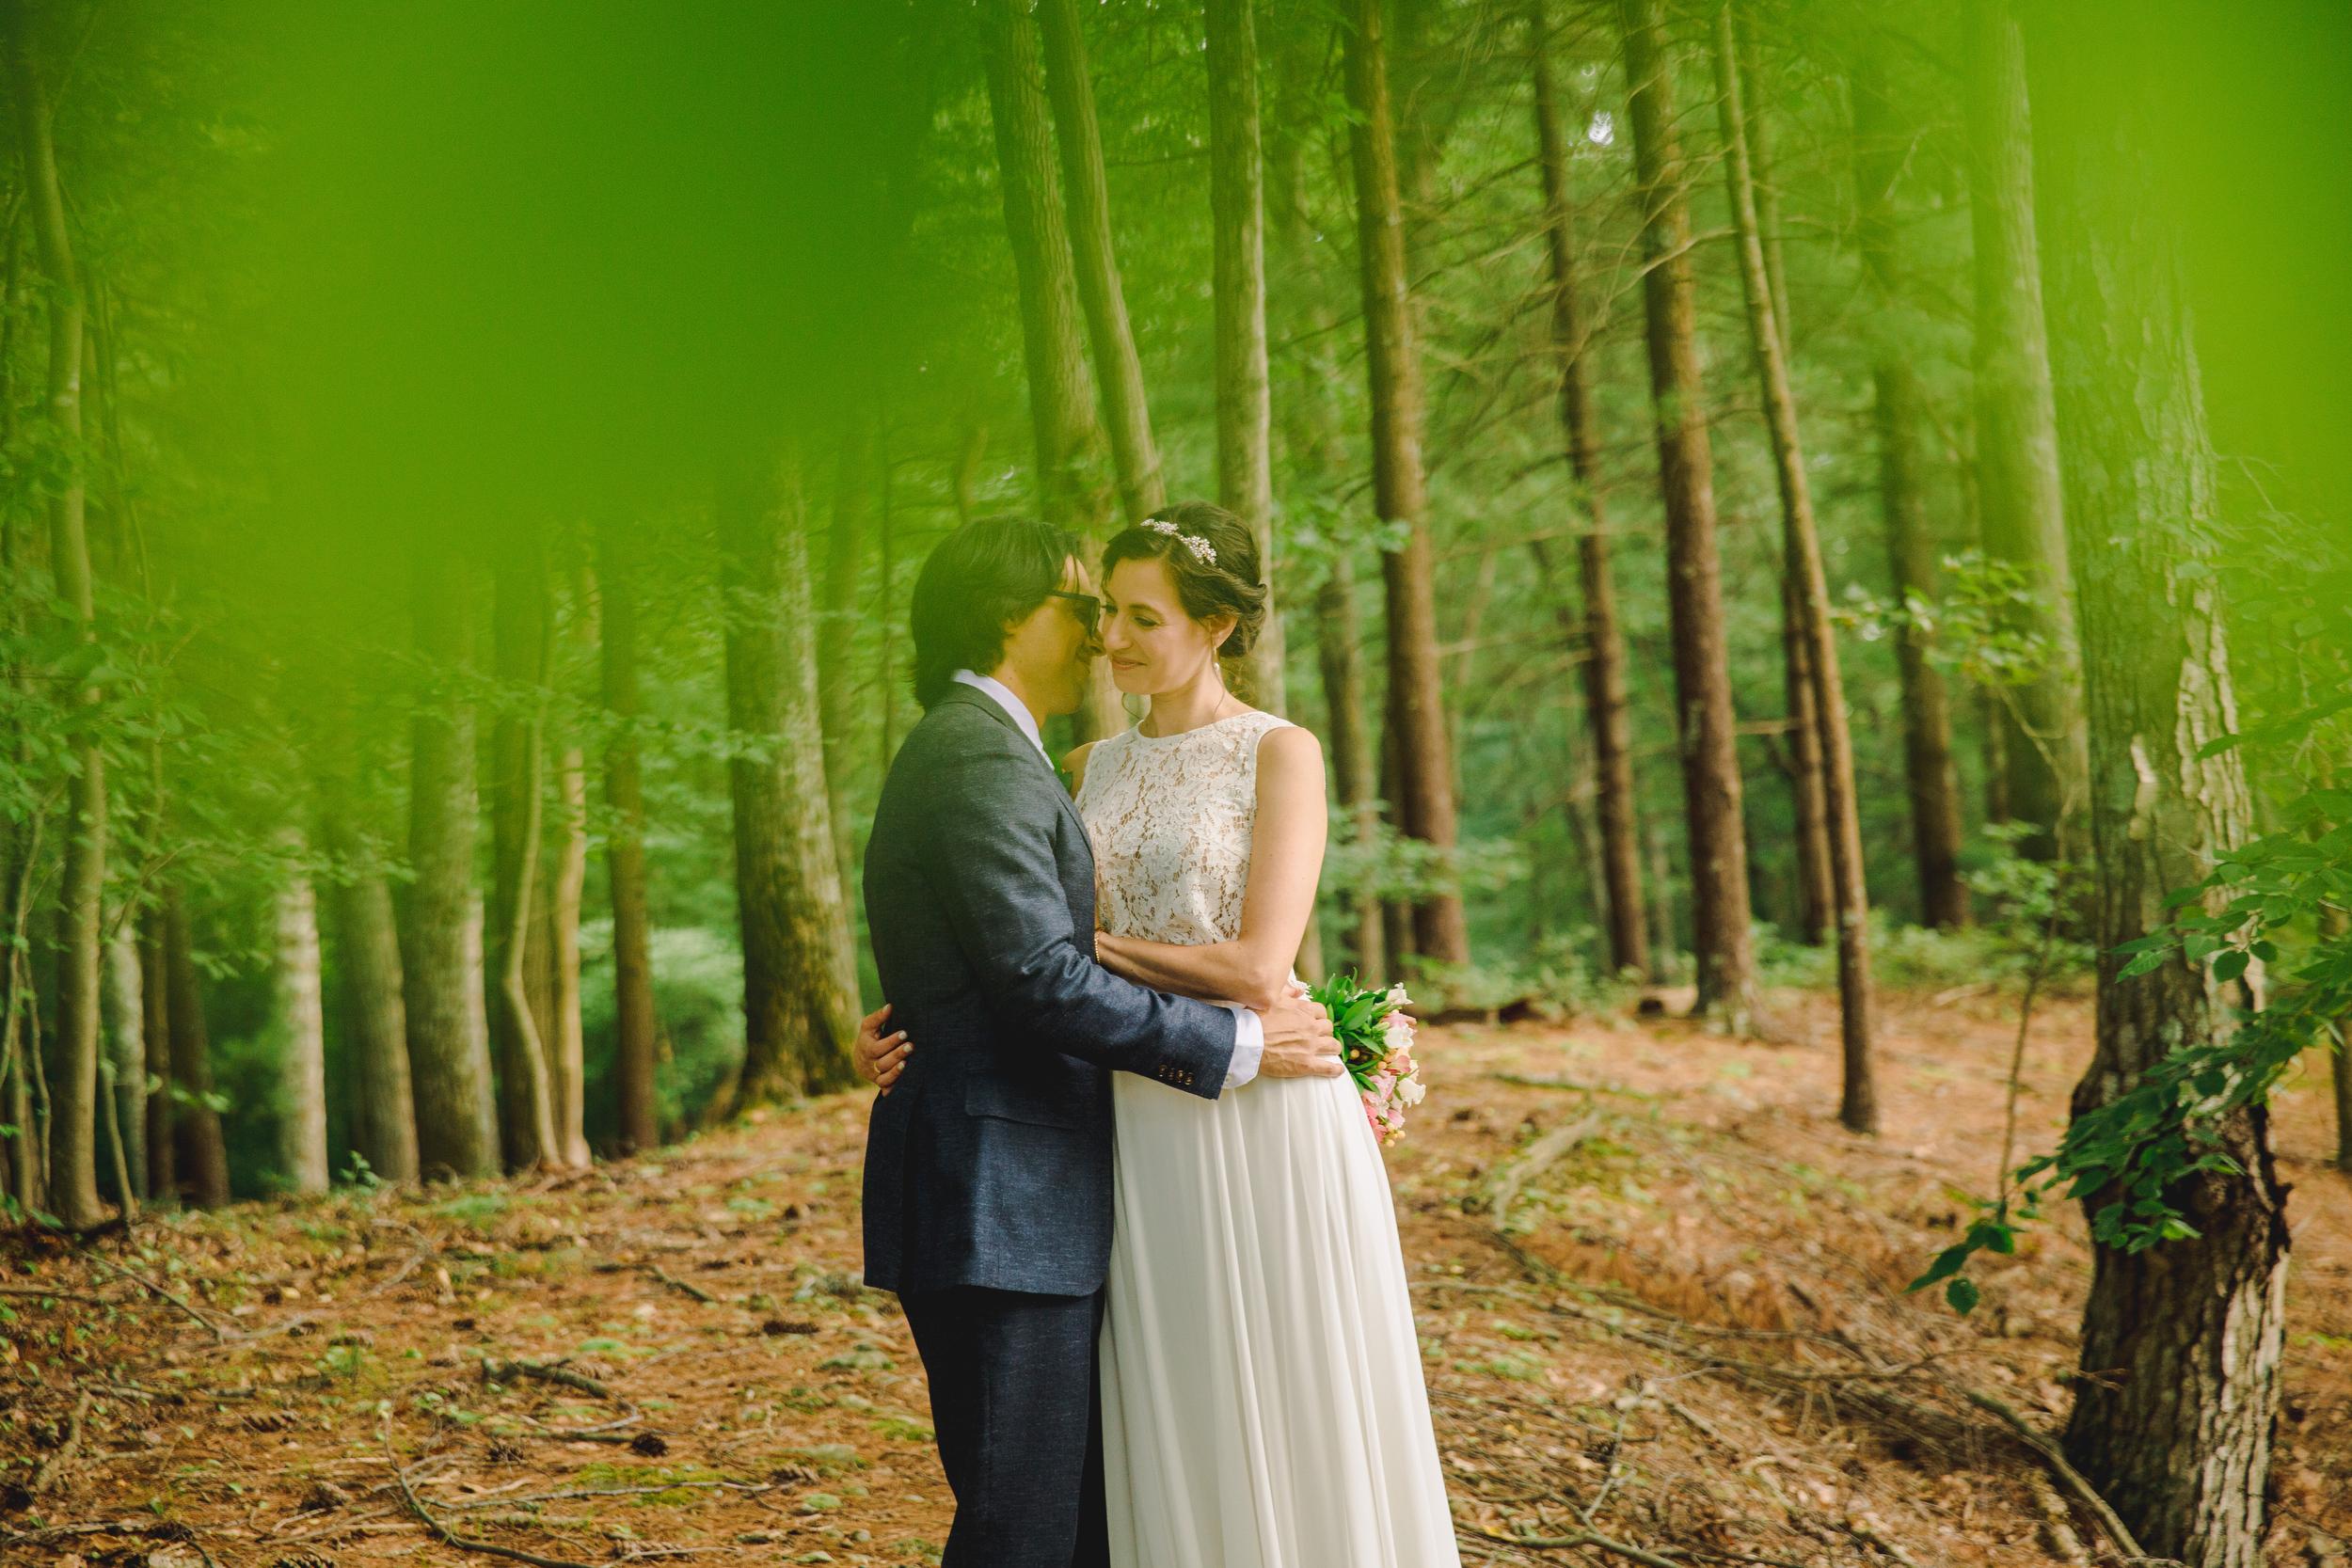 capecod_backyard_wedding_photos_mikhail_12.JPG